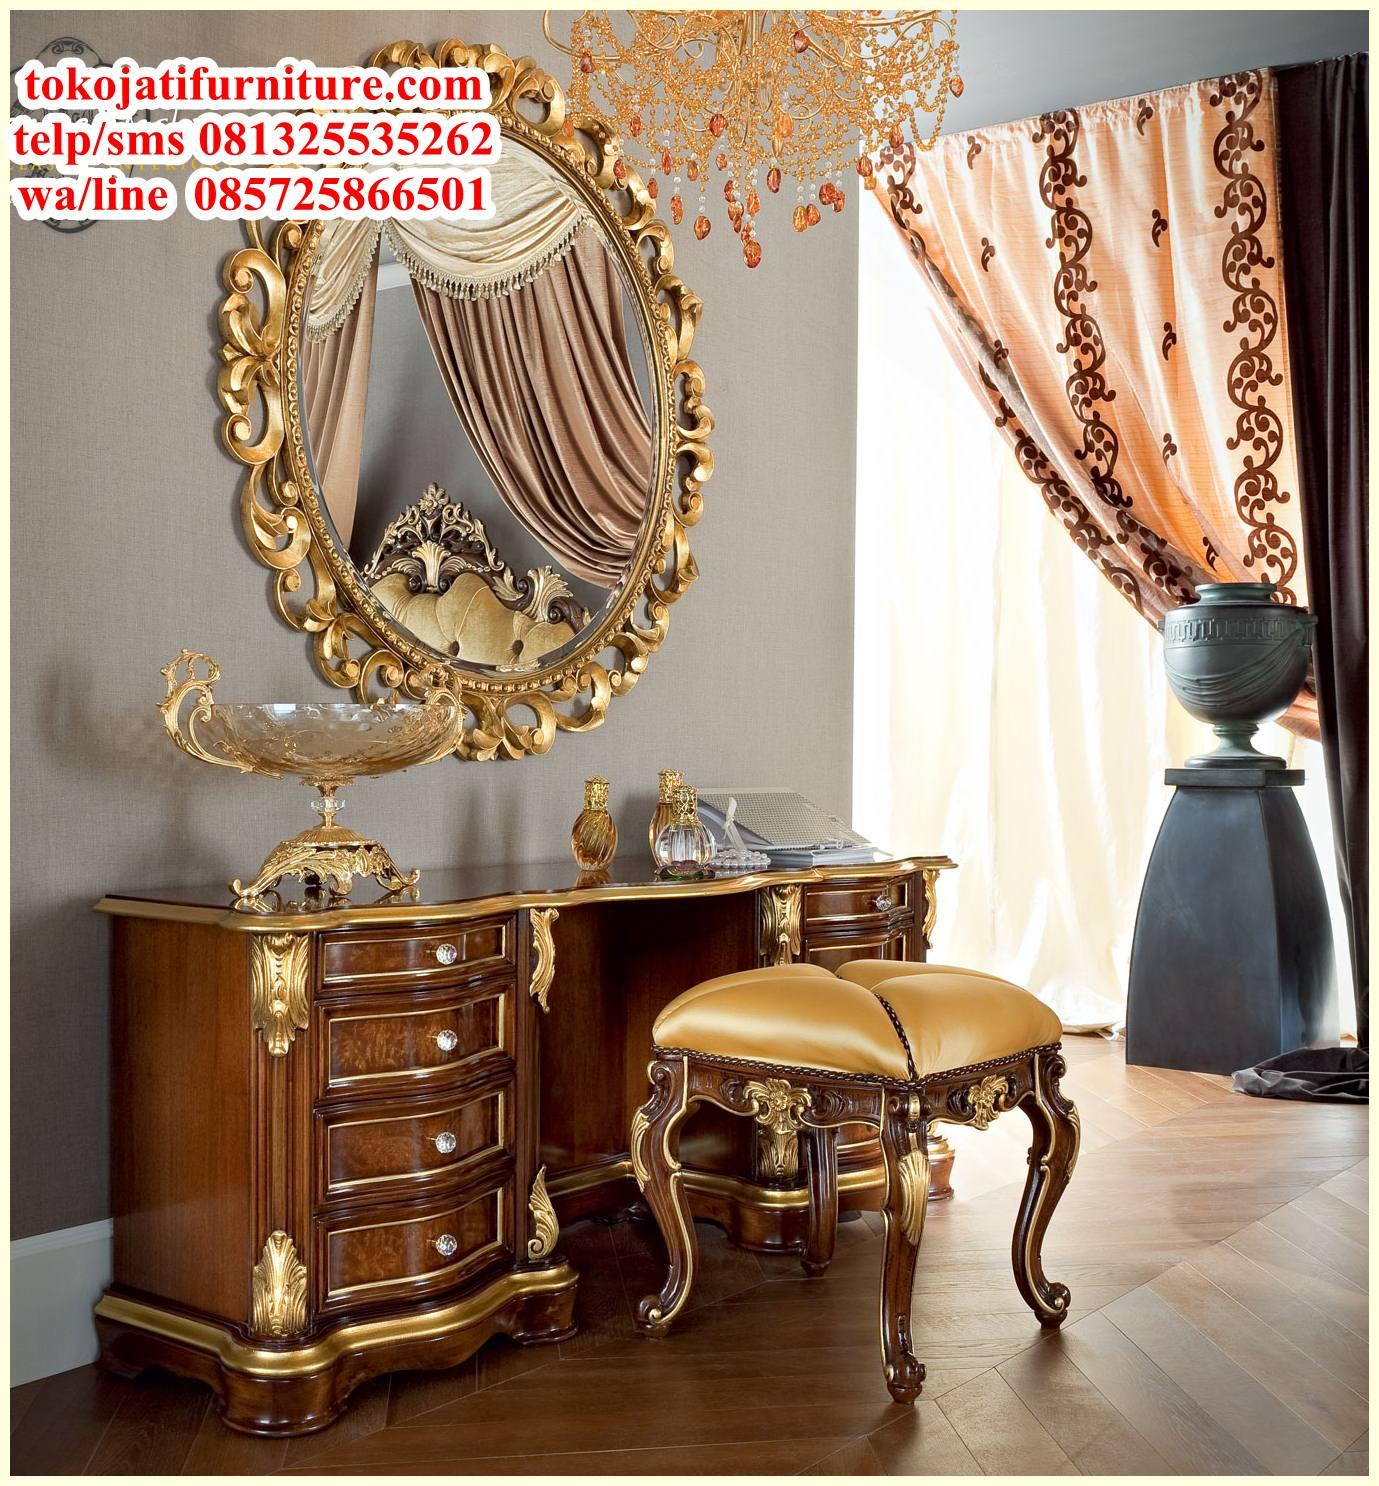 meja-rias-jati-luxury-ukiran meja rias luxury ukiran terbaru